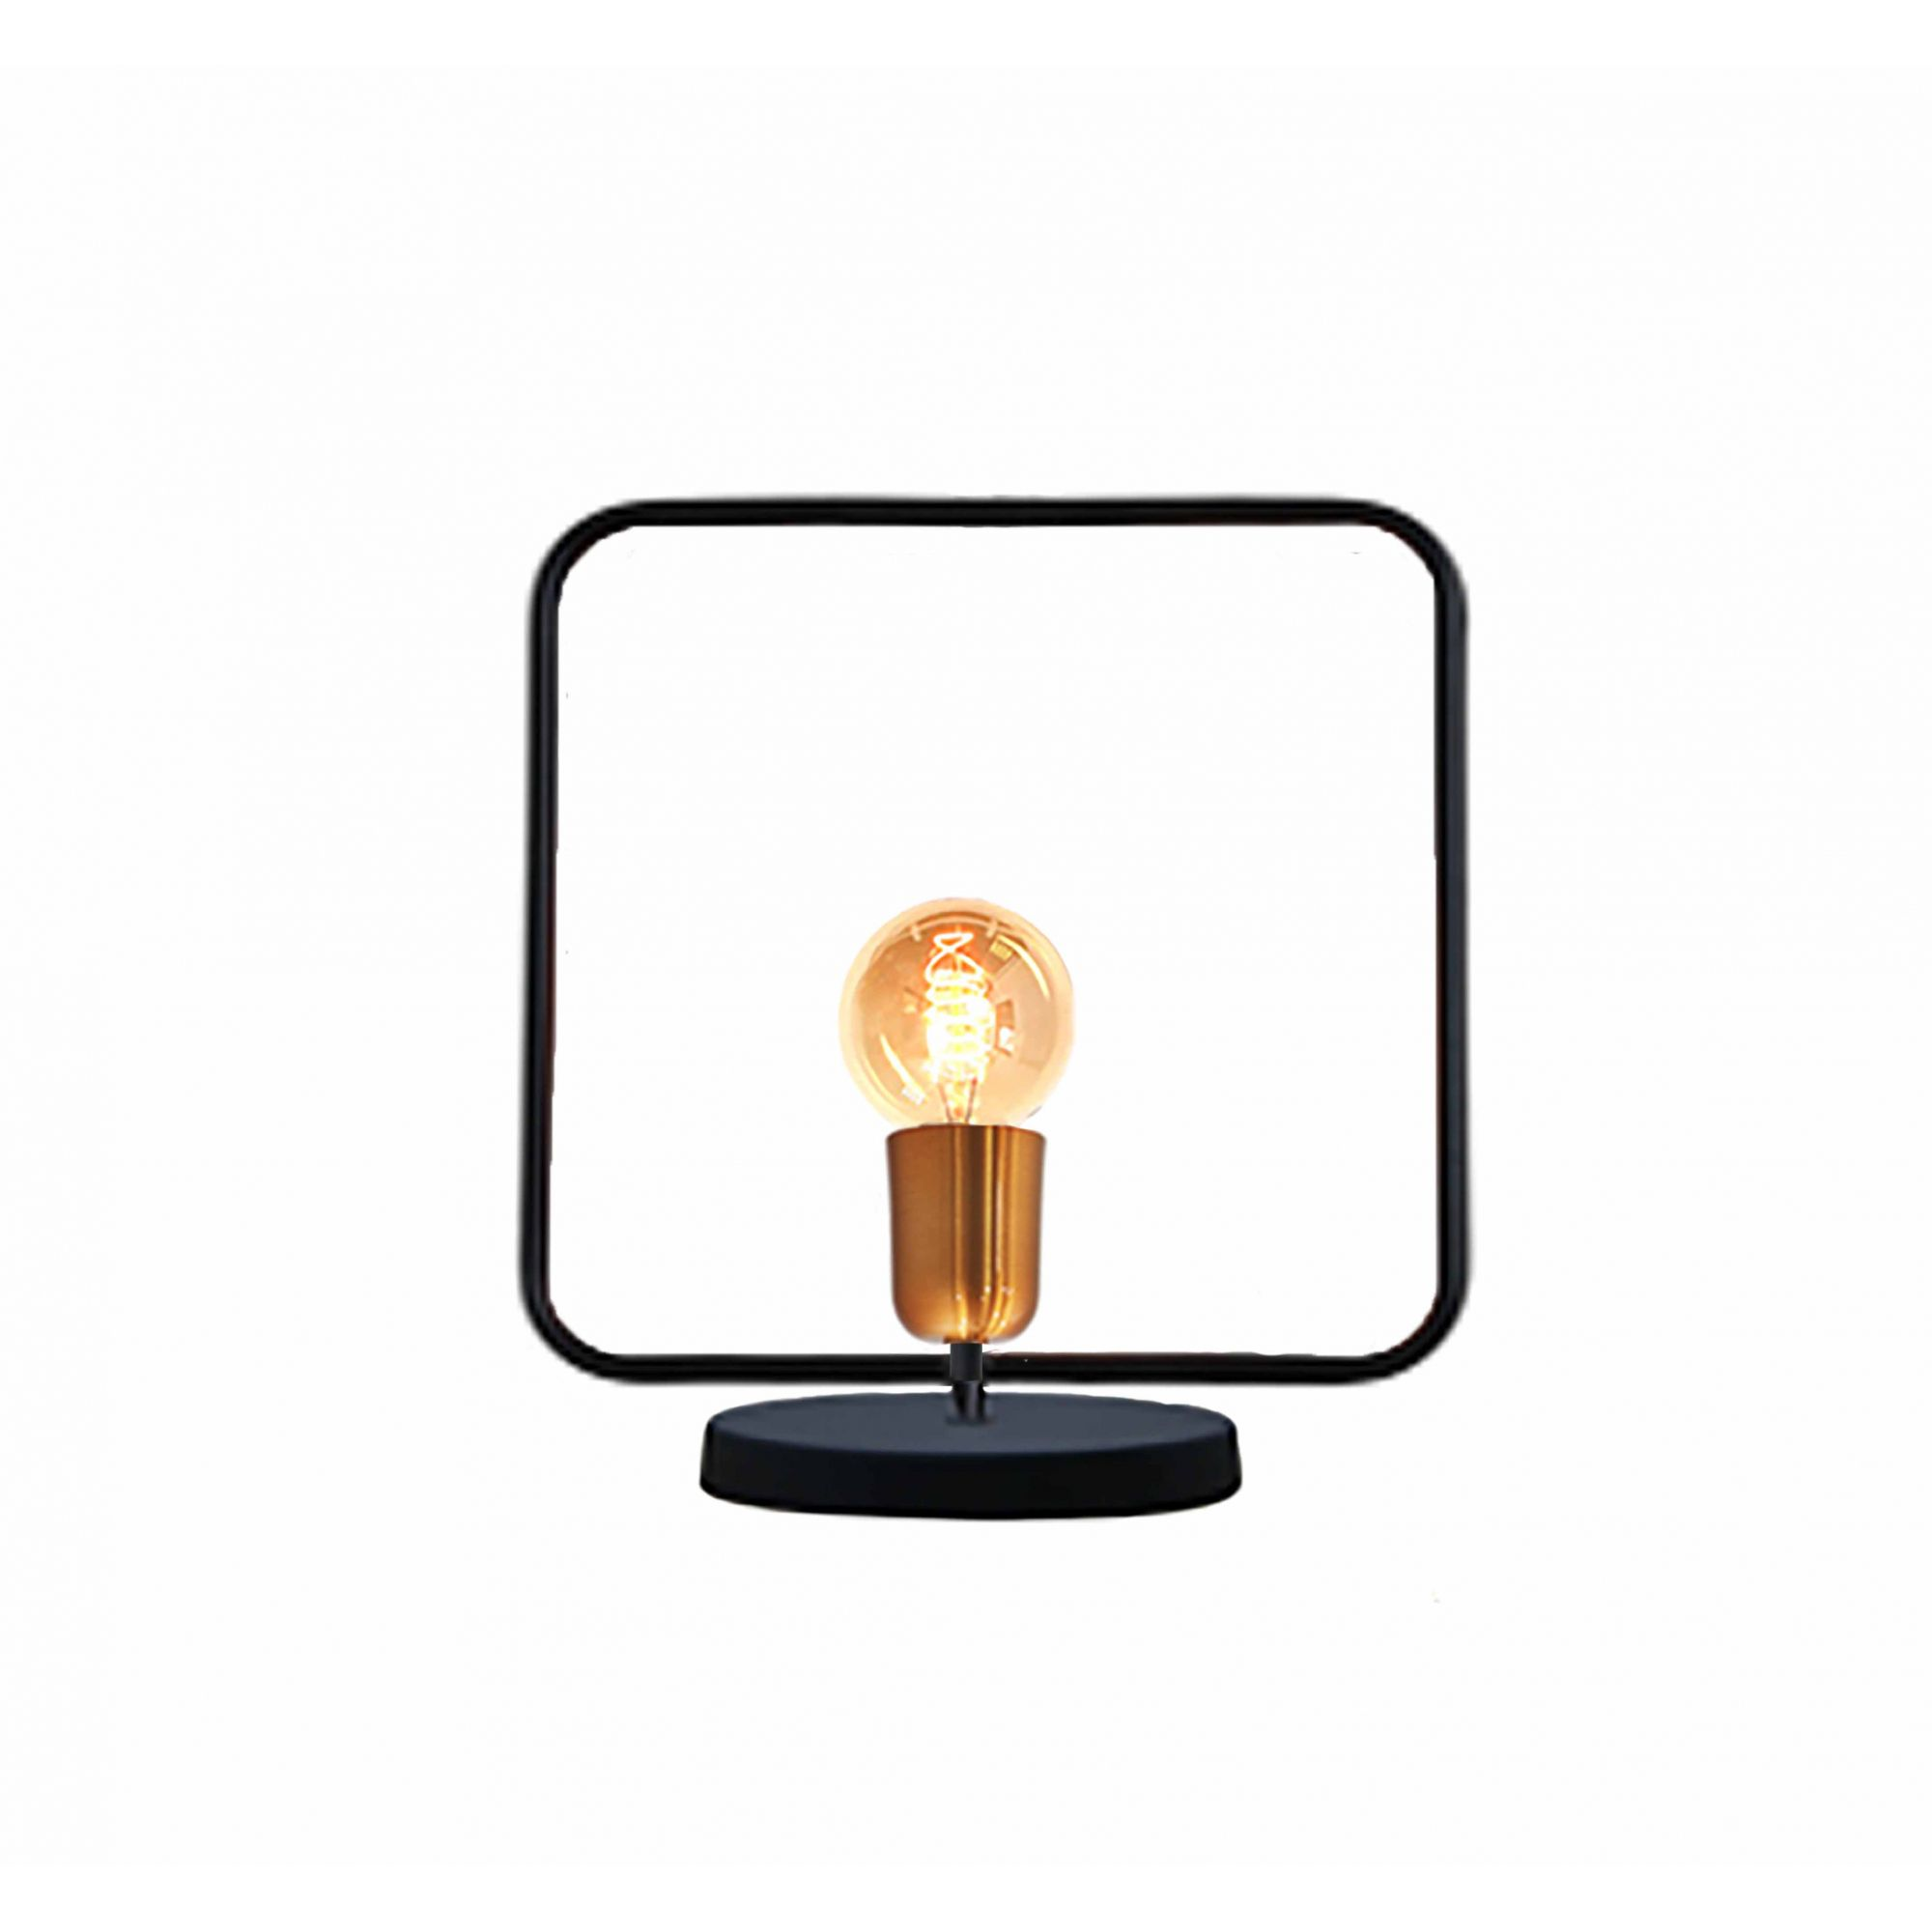 Luminária de mesa abajur Retrô quadrado preto fosco em alumínio 250mm x 280mm para 1 lâmpada E27